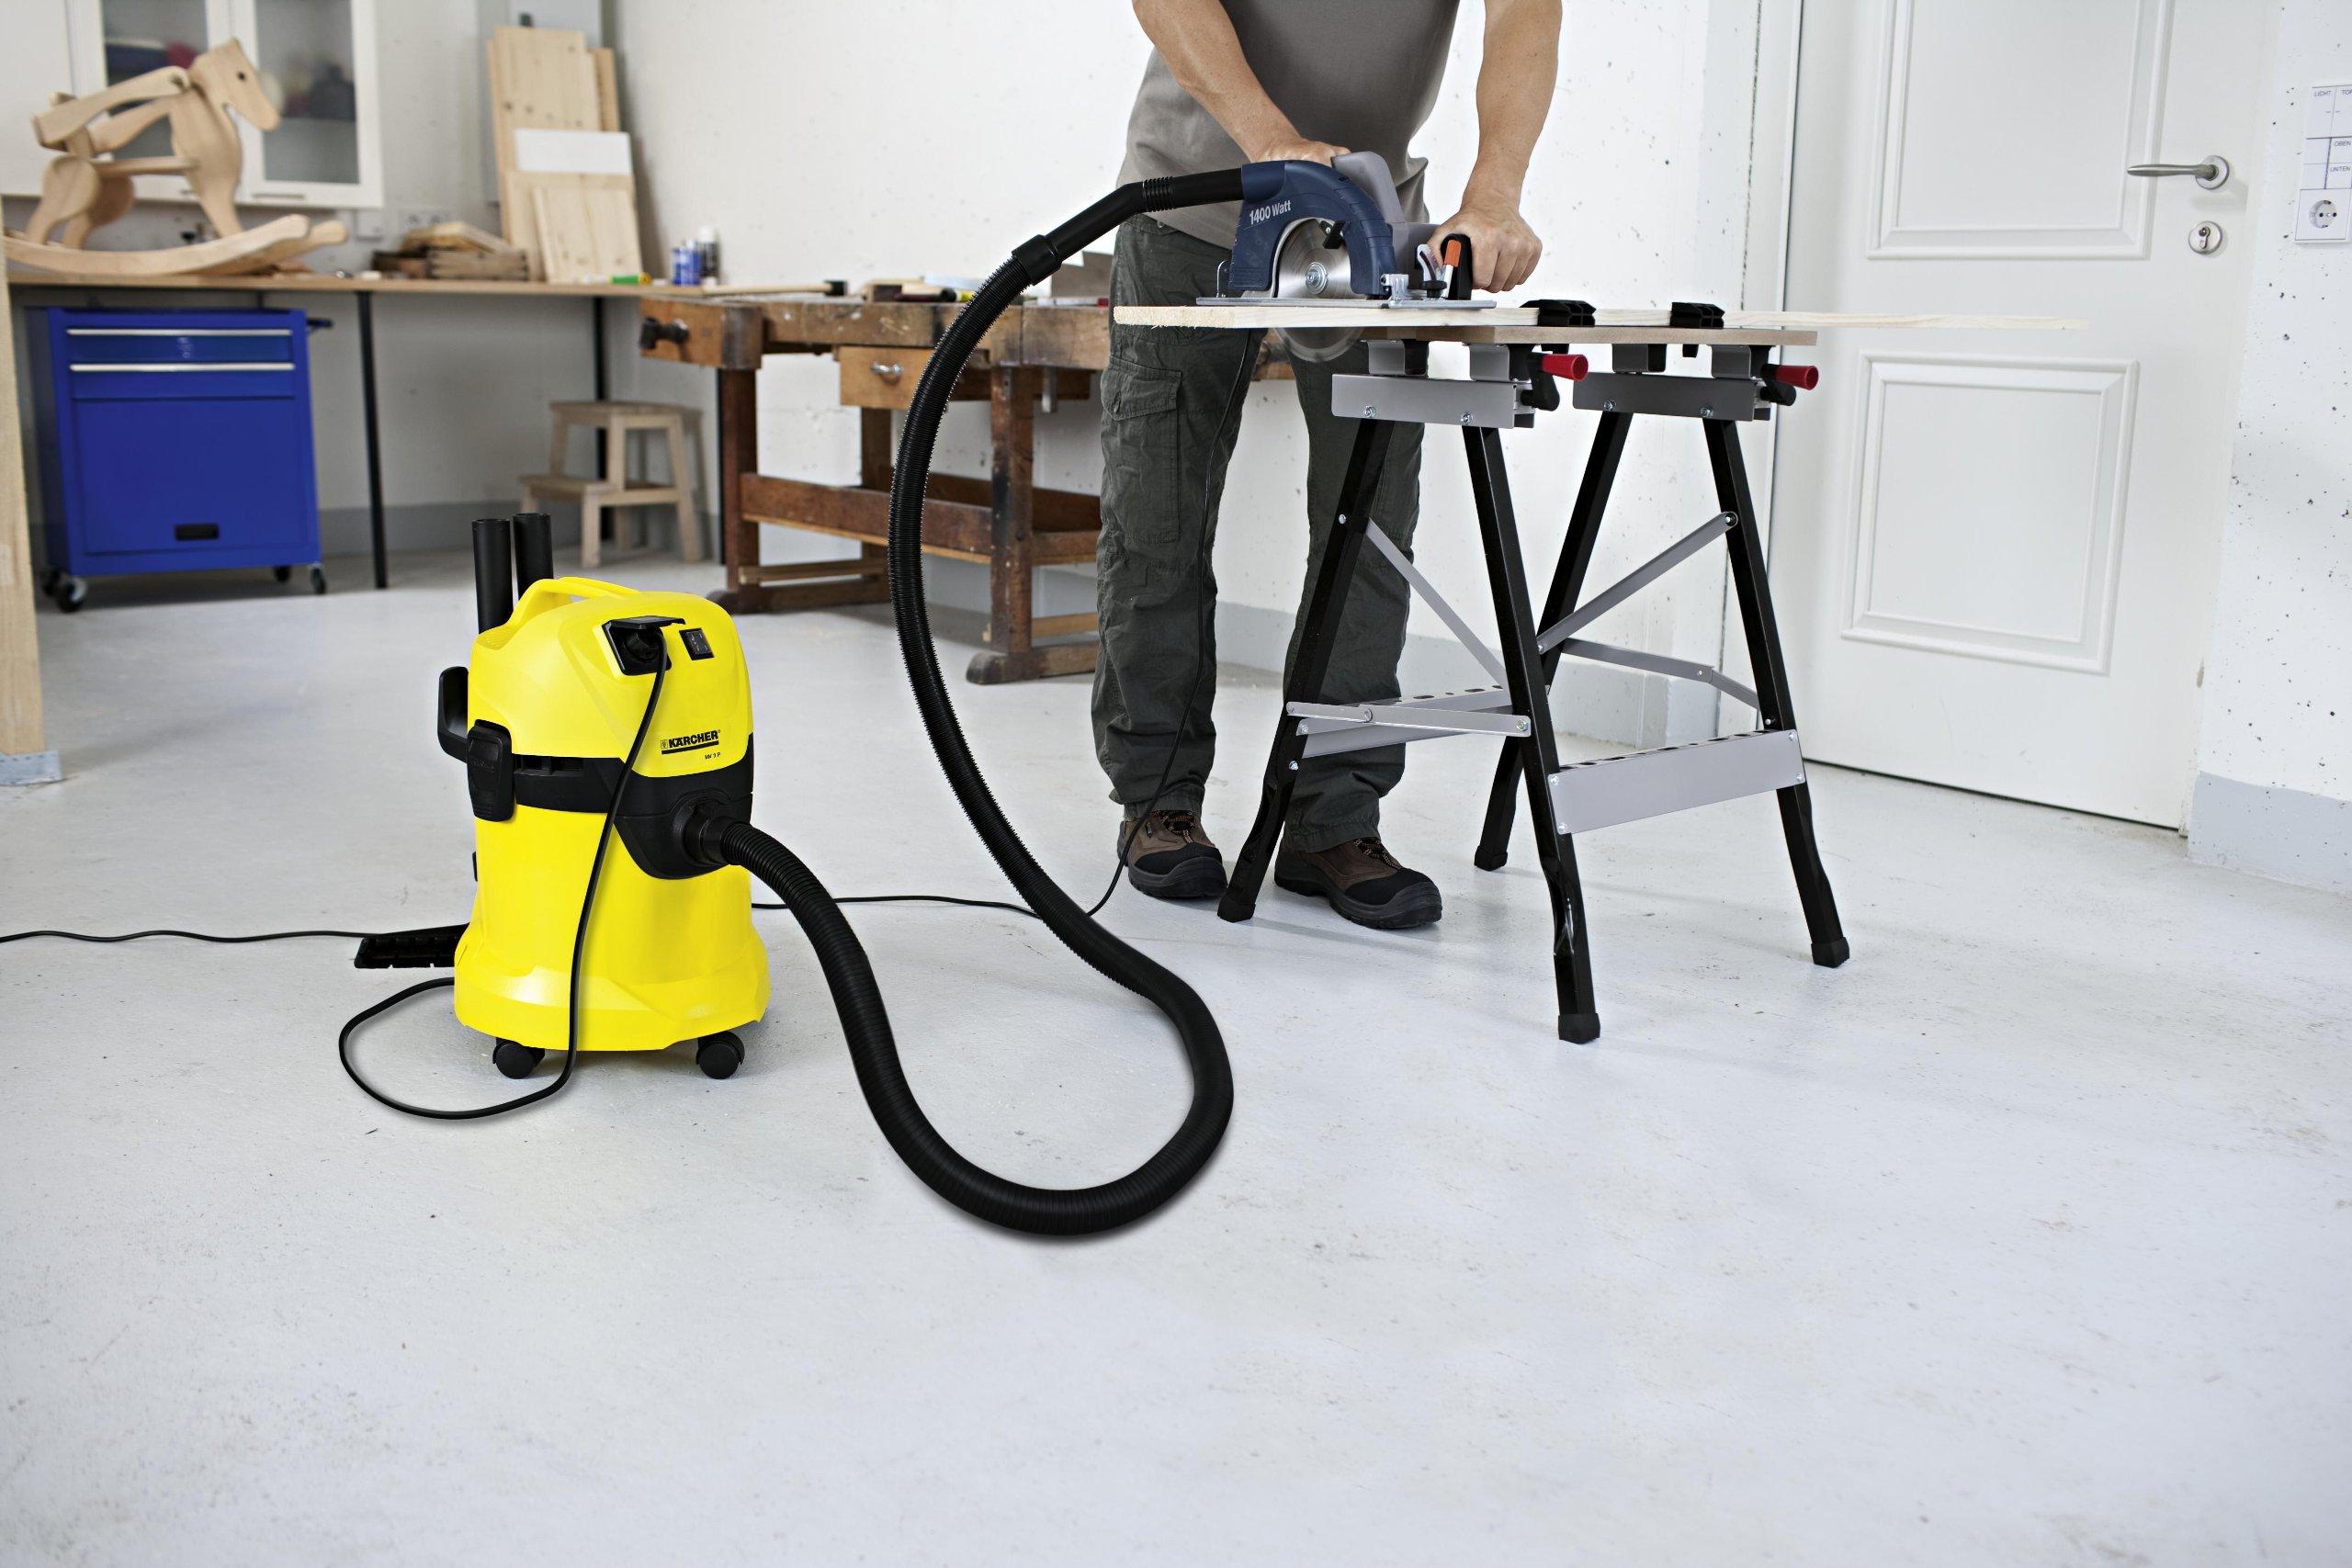 Kärcher Mehrzwecksauger WD 3 P (Tatsächliche Saugleistung: 200 Air Watt, Behältergröße: 17 l, Steckdose, Blasfunktion…